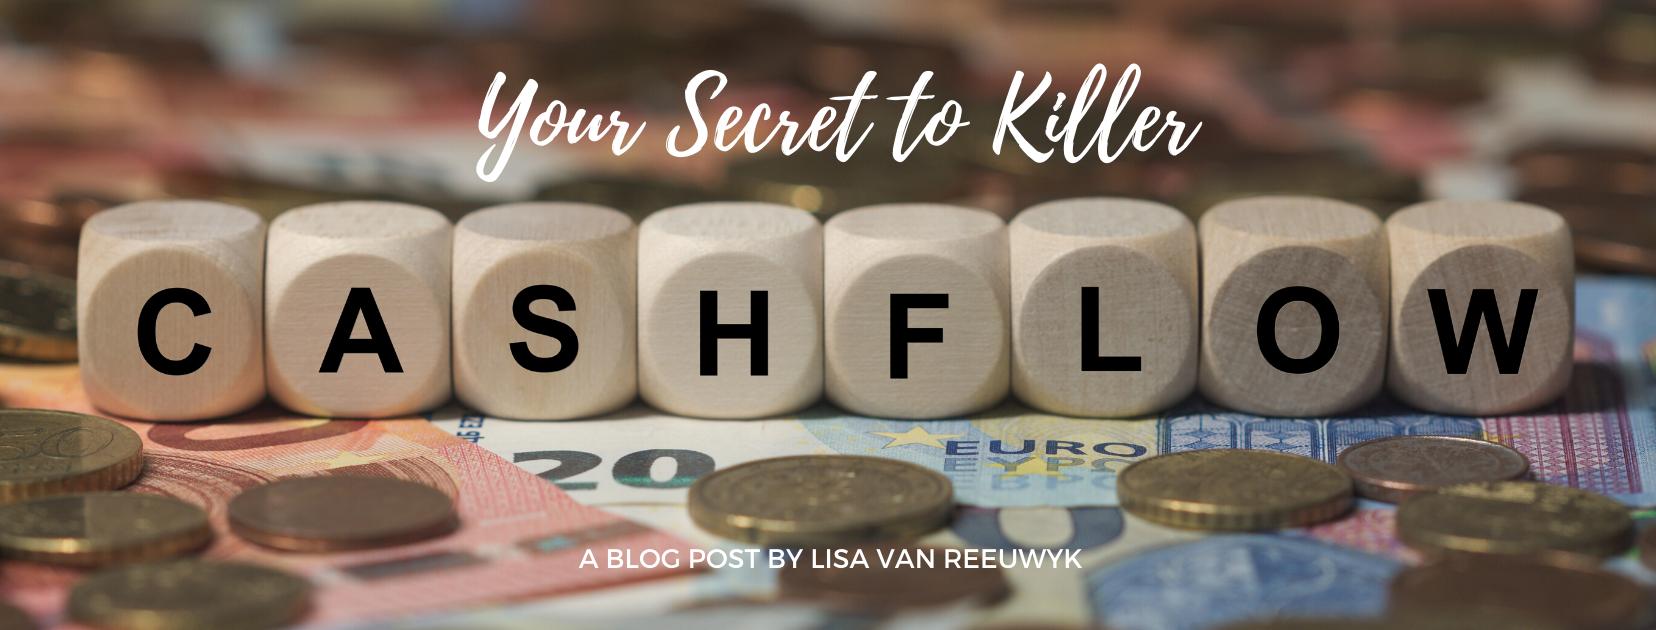 Your secret to killer cashflow - Lisa van Reeuwyk